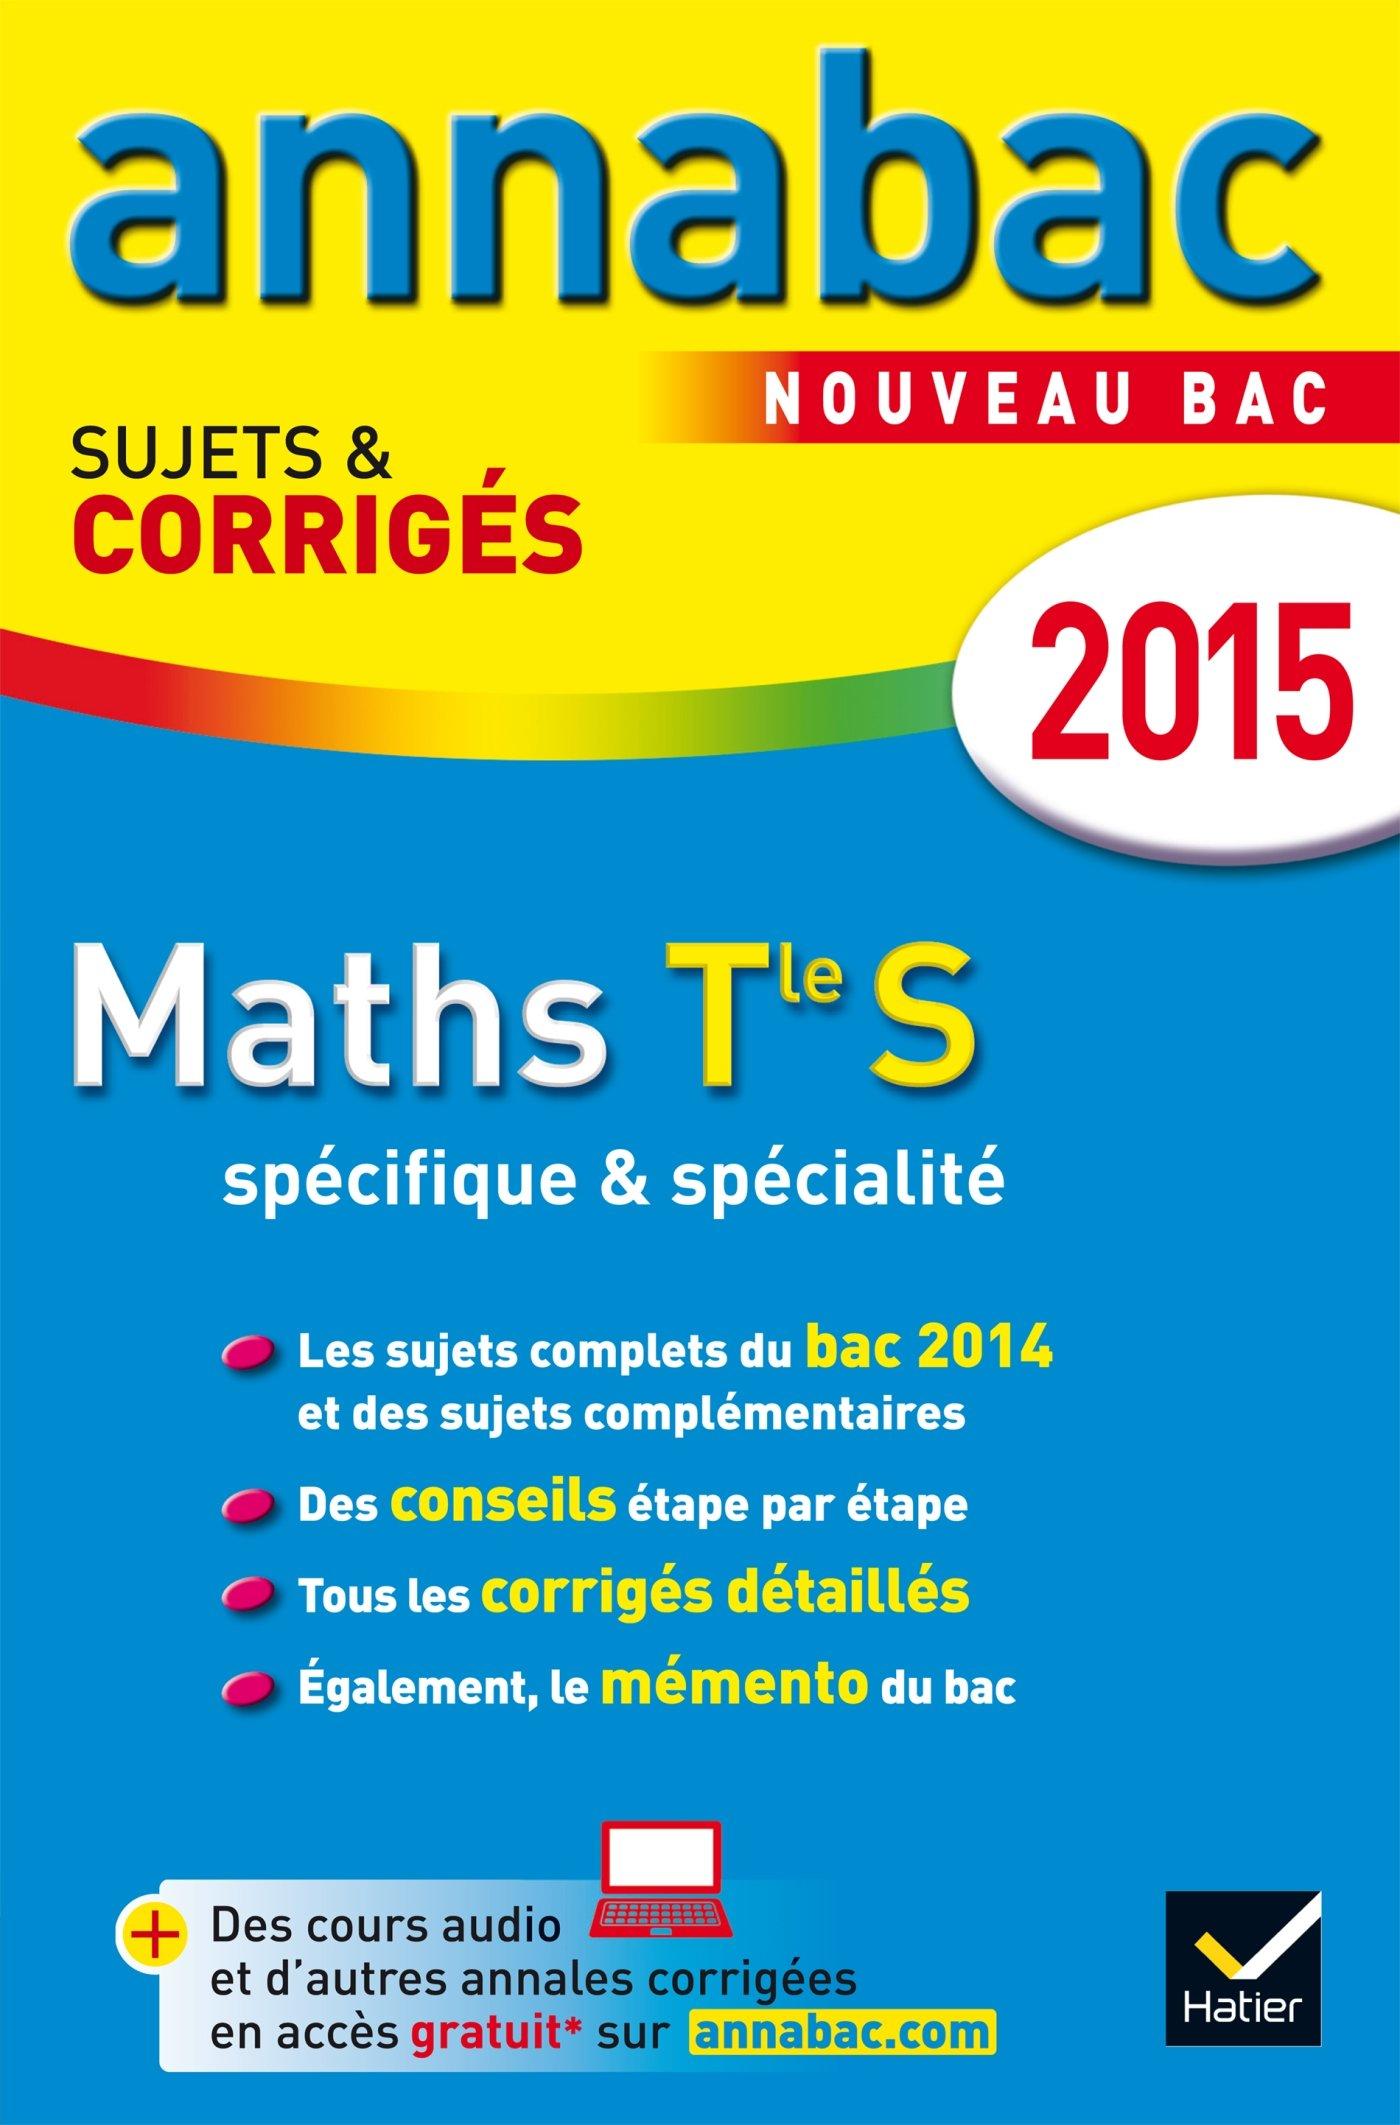 Annales Annabac 2015 Maths Tle S spécifique & spécialité: sujets et corrigés du bac - Terminale S (French) Paperback